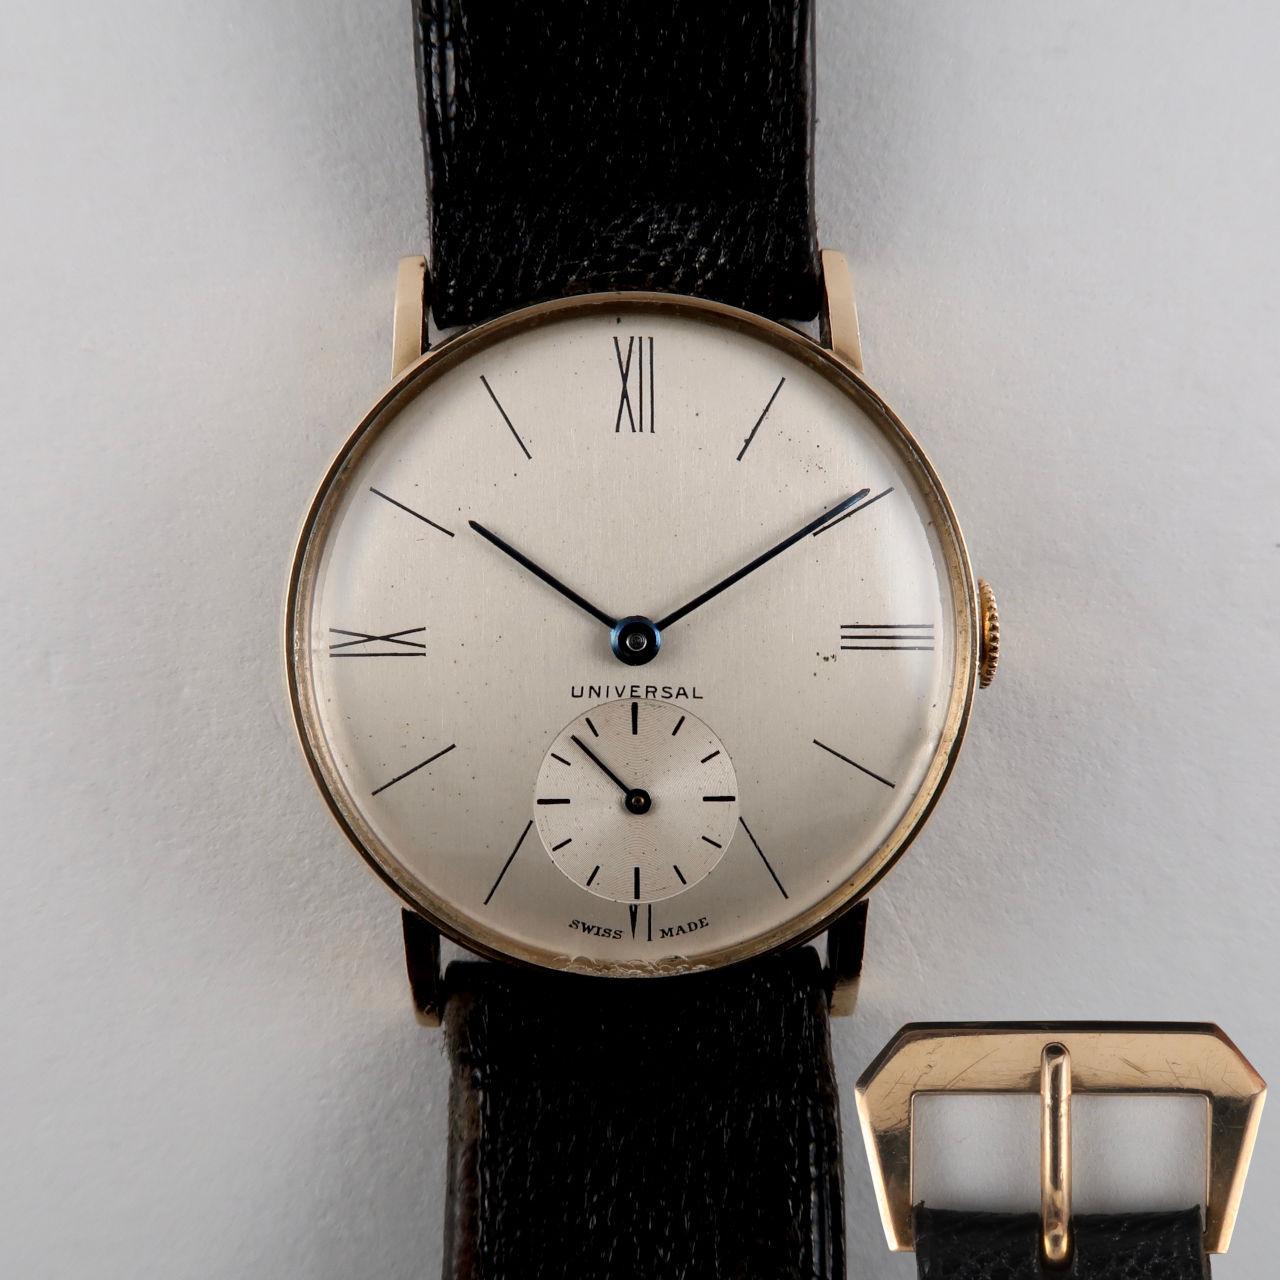 Universal Genève Ref. 5590 hallmarked 1938